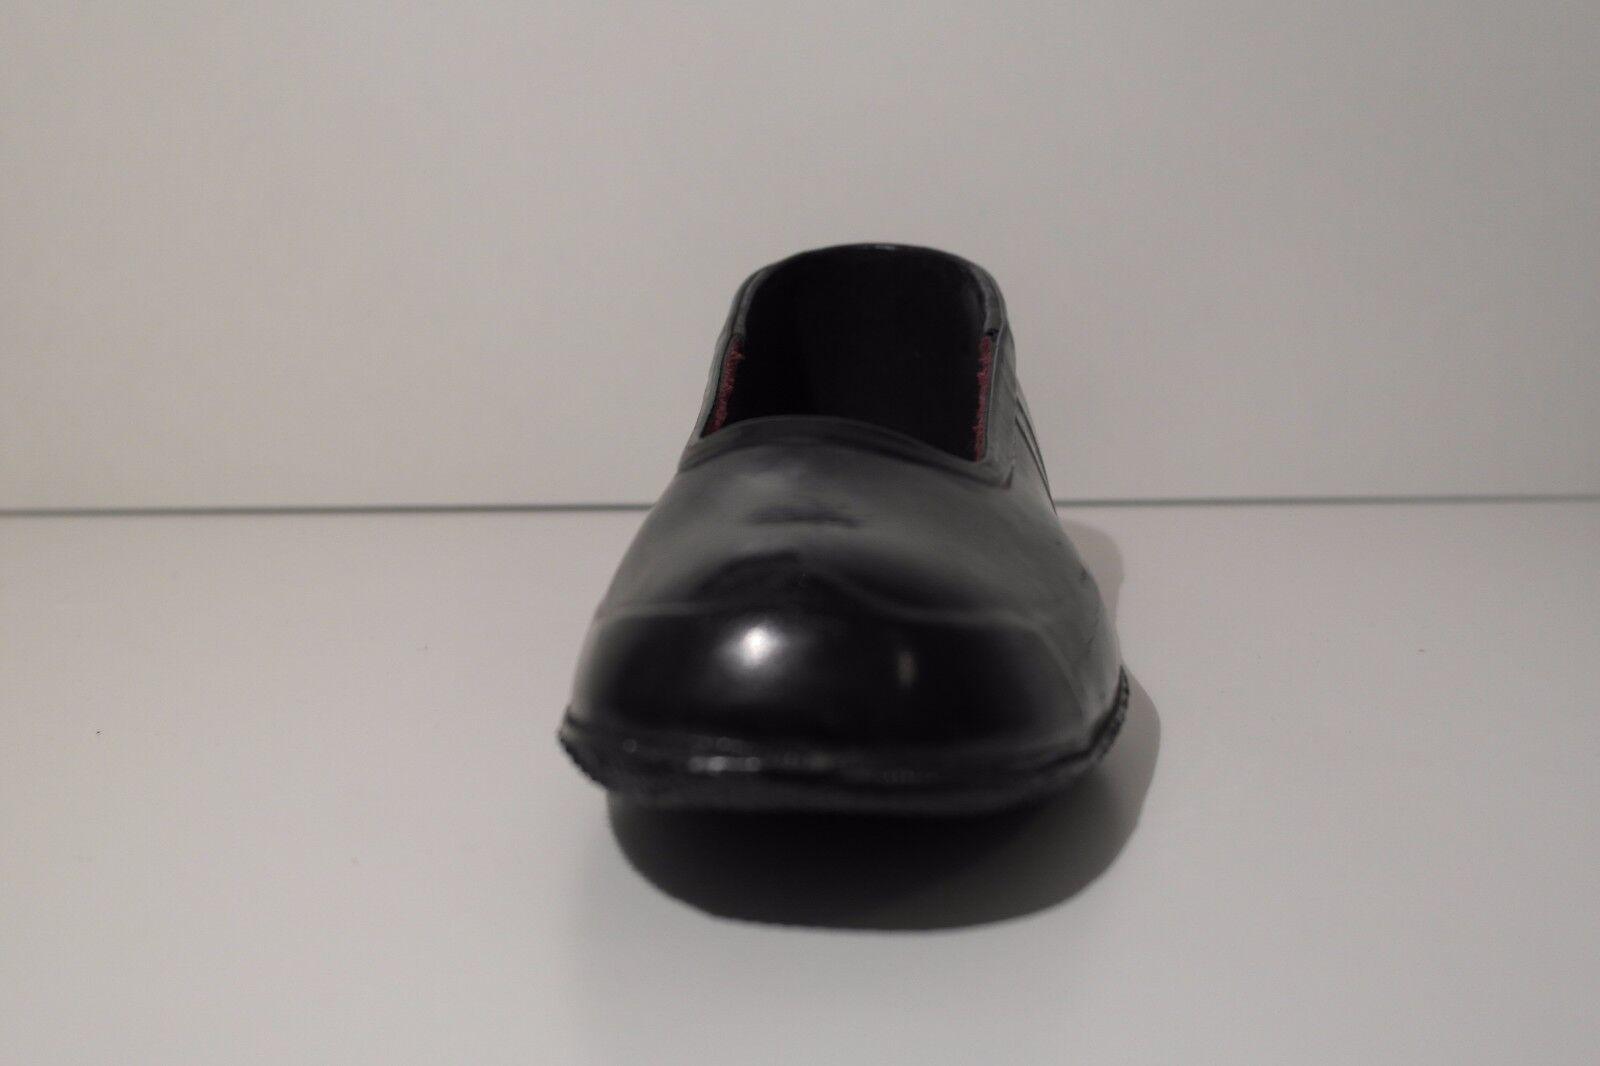 TRUE VINTBGE 50er schwarz Herren Schuhe Überzieher Galoschen schwarz 50er Halbschuhe Meteor af525d